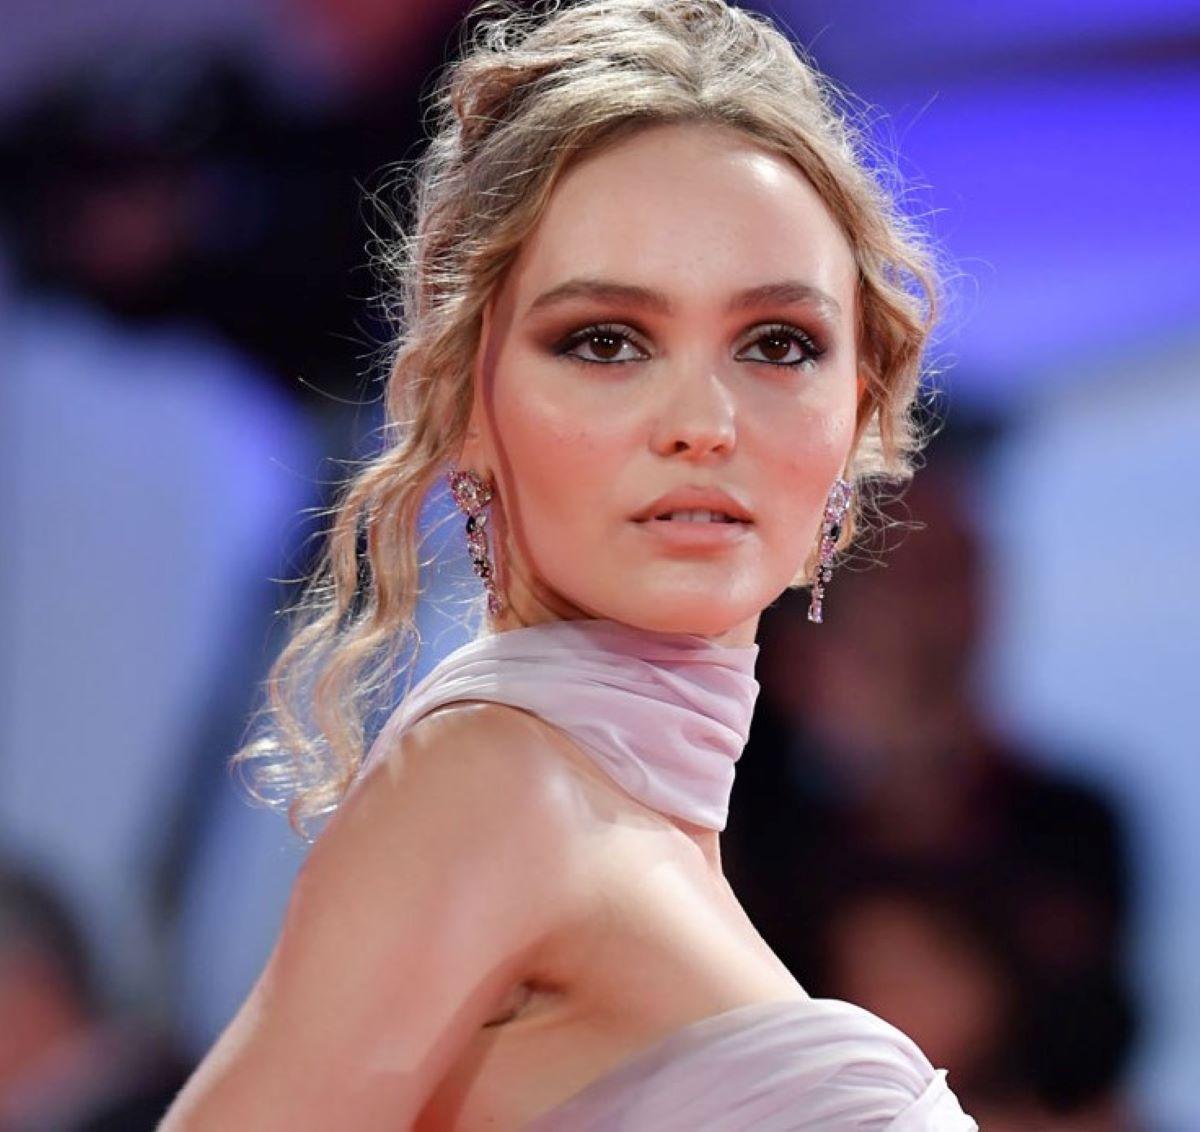 Lily-Rose Depp Modella Figlia Attore Johnny Depp